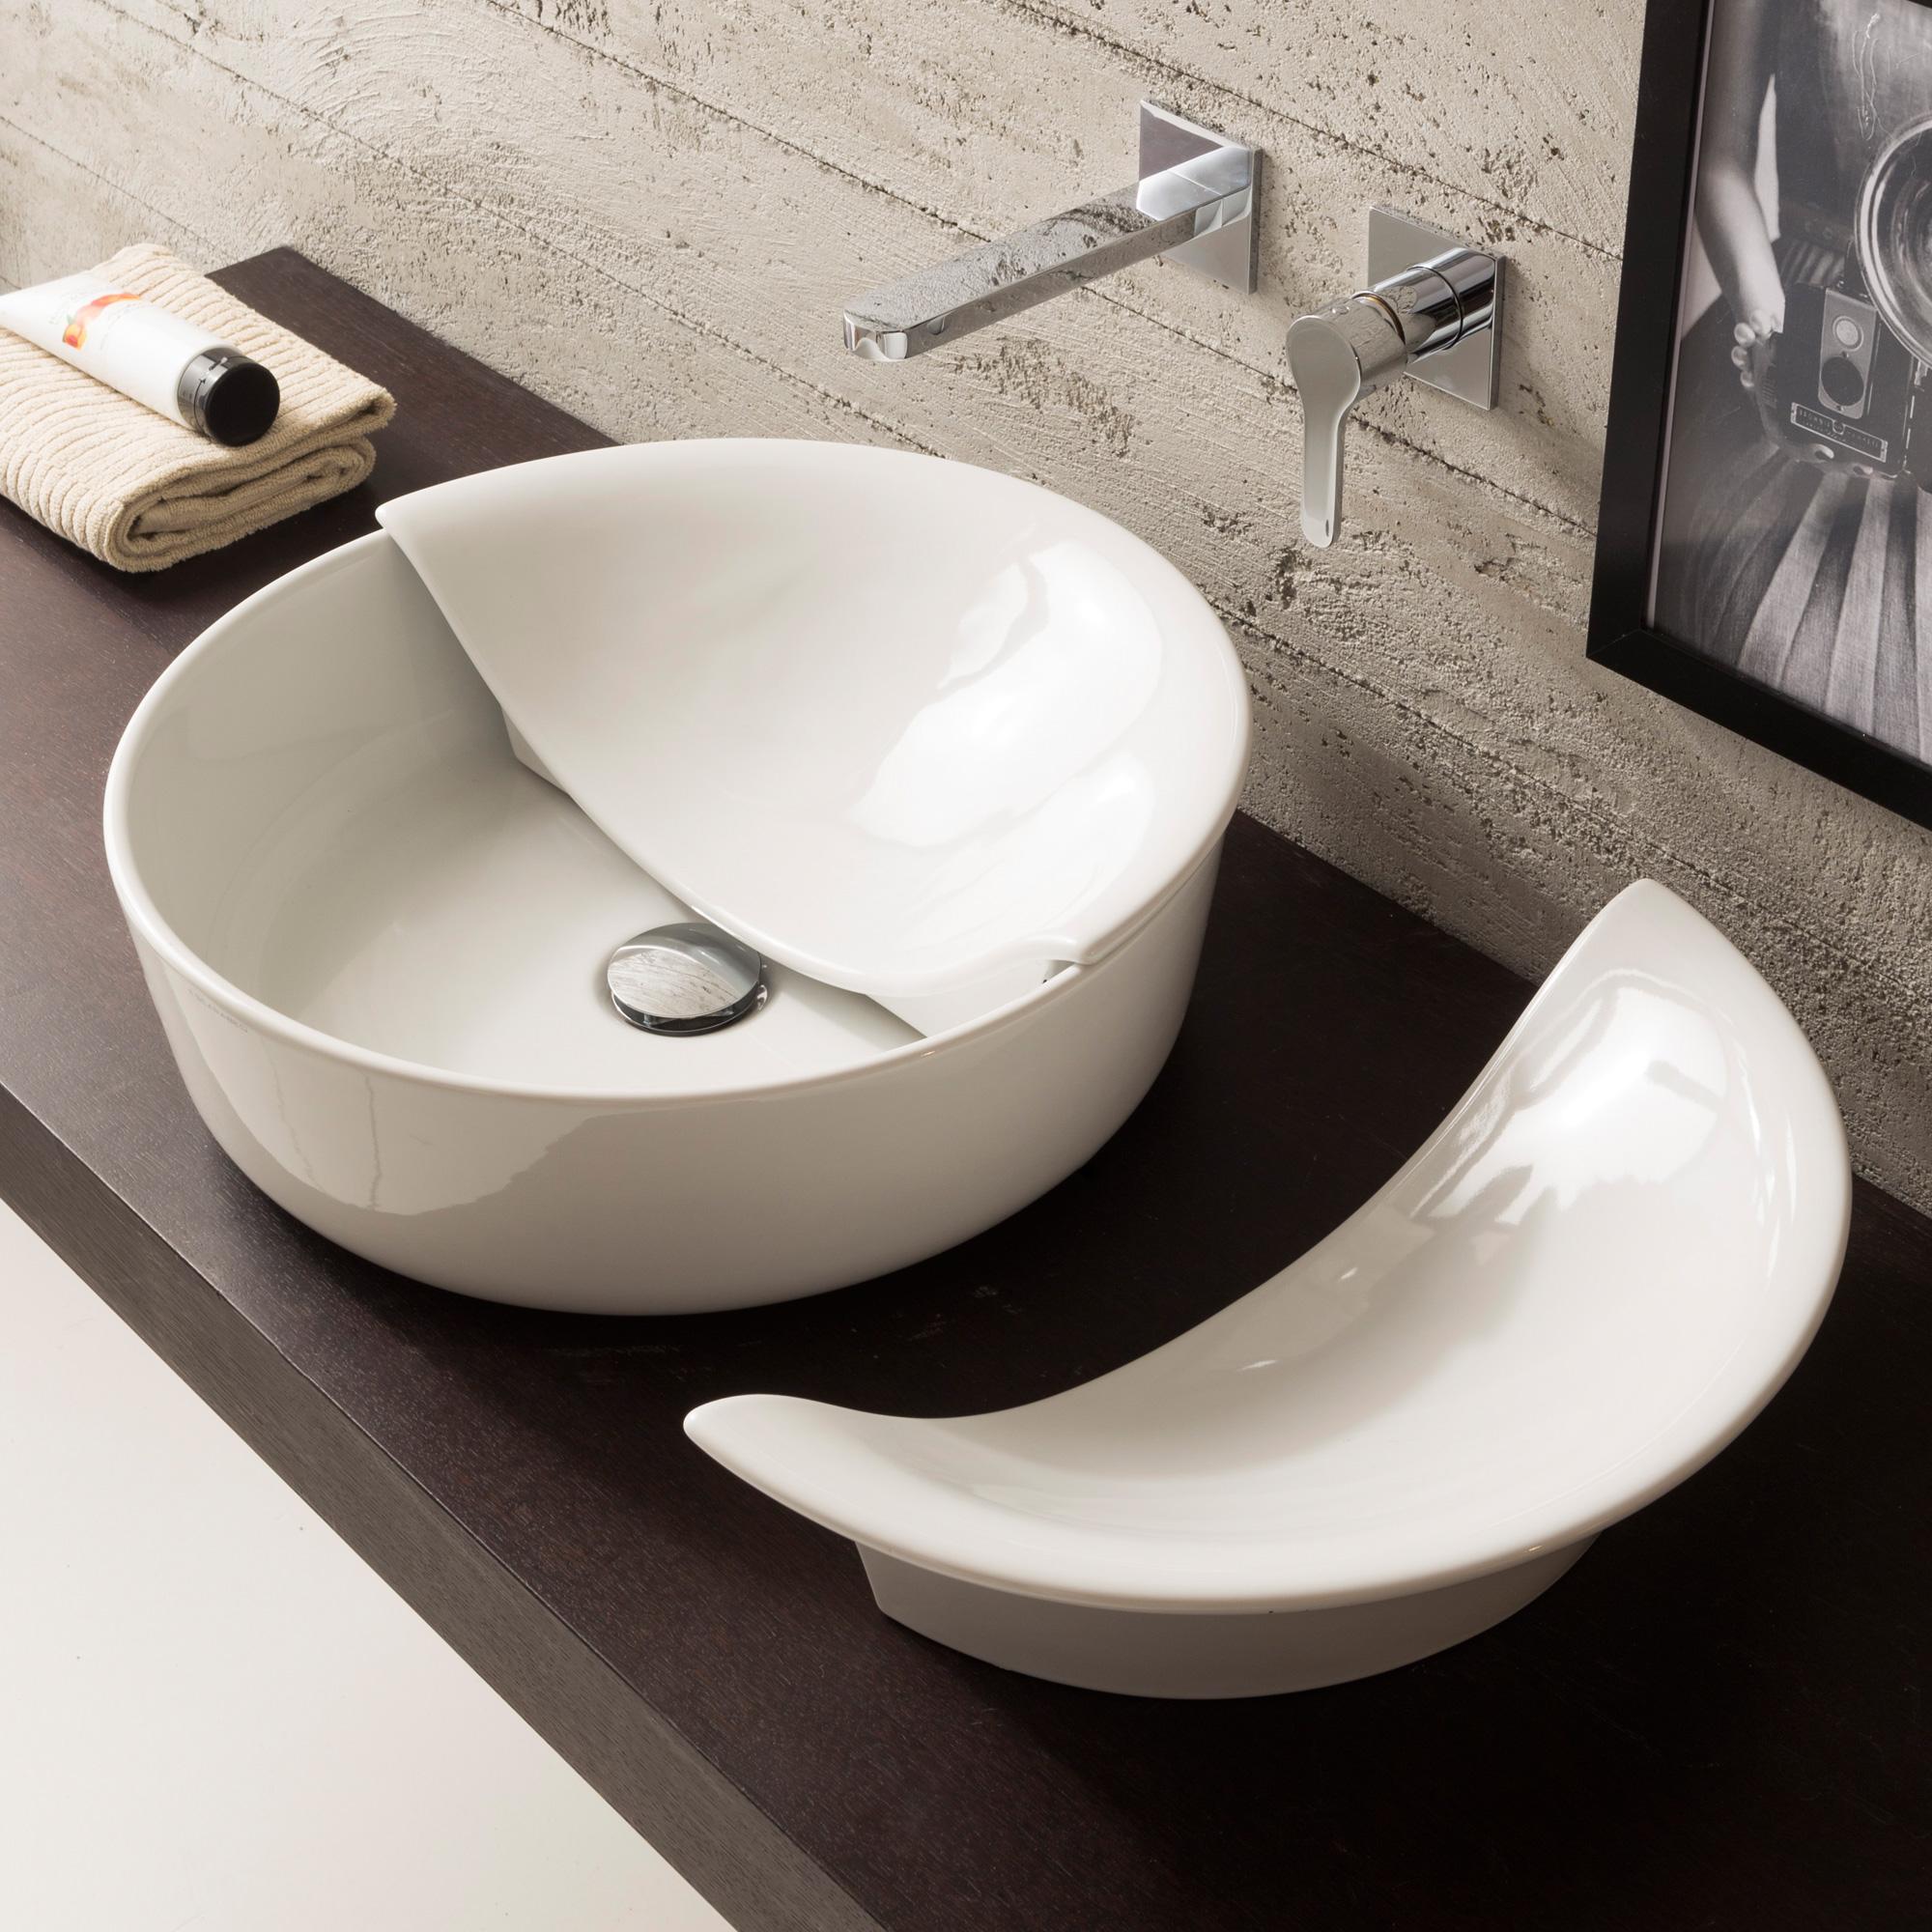 Schssel Waschbecken Waschtisch Waschbecken Keramik Von Khler Inkl